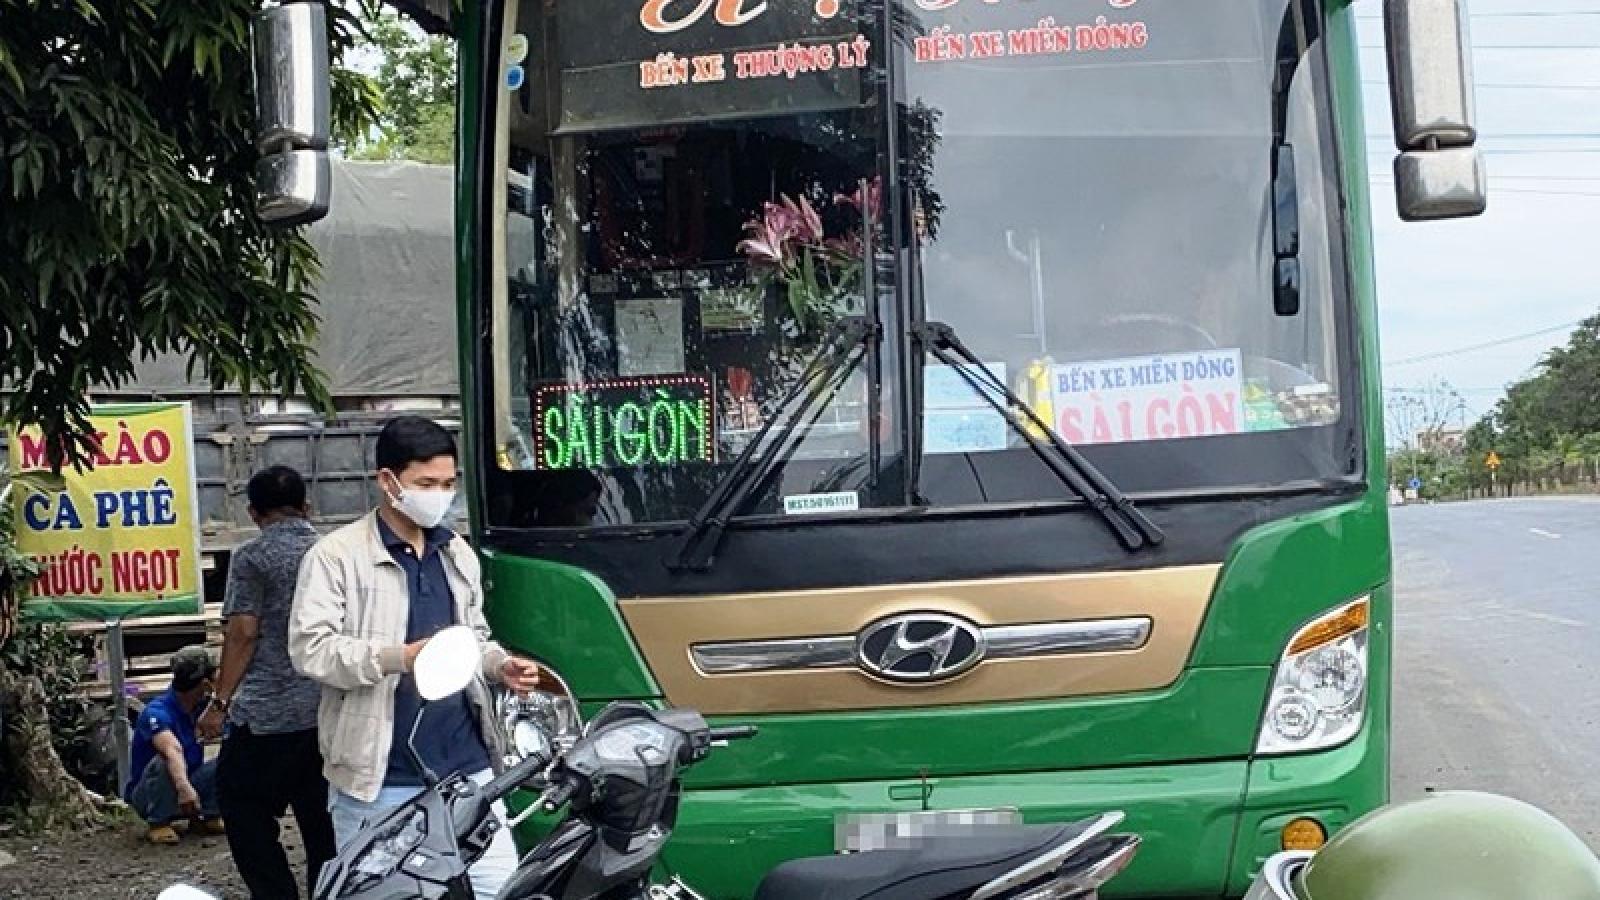 Đưa người Trung Quốc nhập cảnh trái phép vào Việt Nam, 2 ngườibị khởi tố